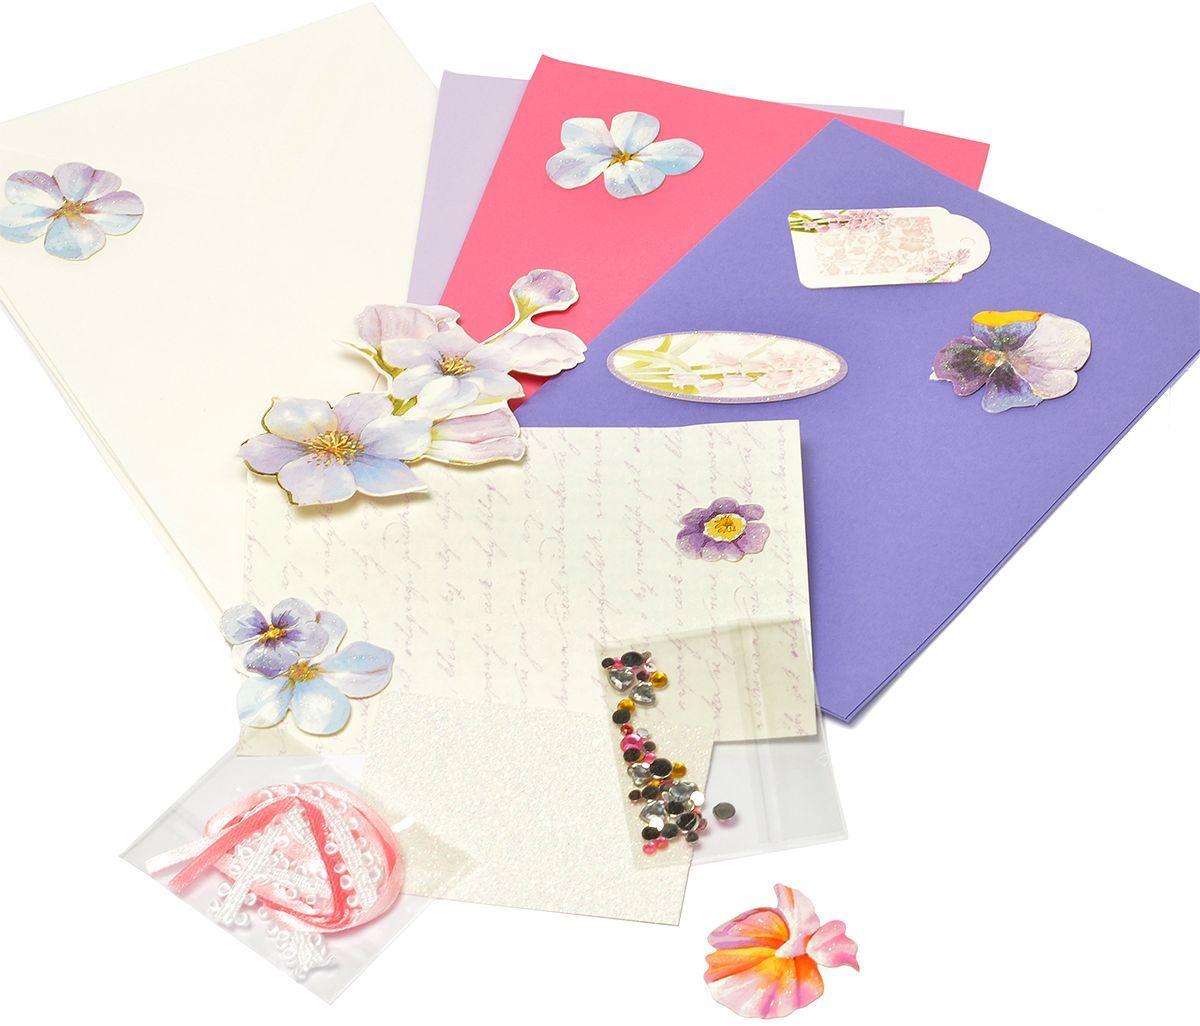 Набор для создания открыток Magic 4 Hobby, 11,5 x 17 см. MG.DIY-3.08 набор для создания открыток magic 4 hobby 11 5 x 17 см 11 5 x 21 см mg diy 6b 2